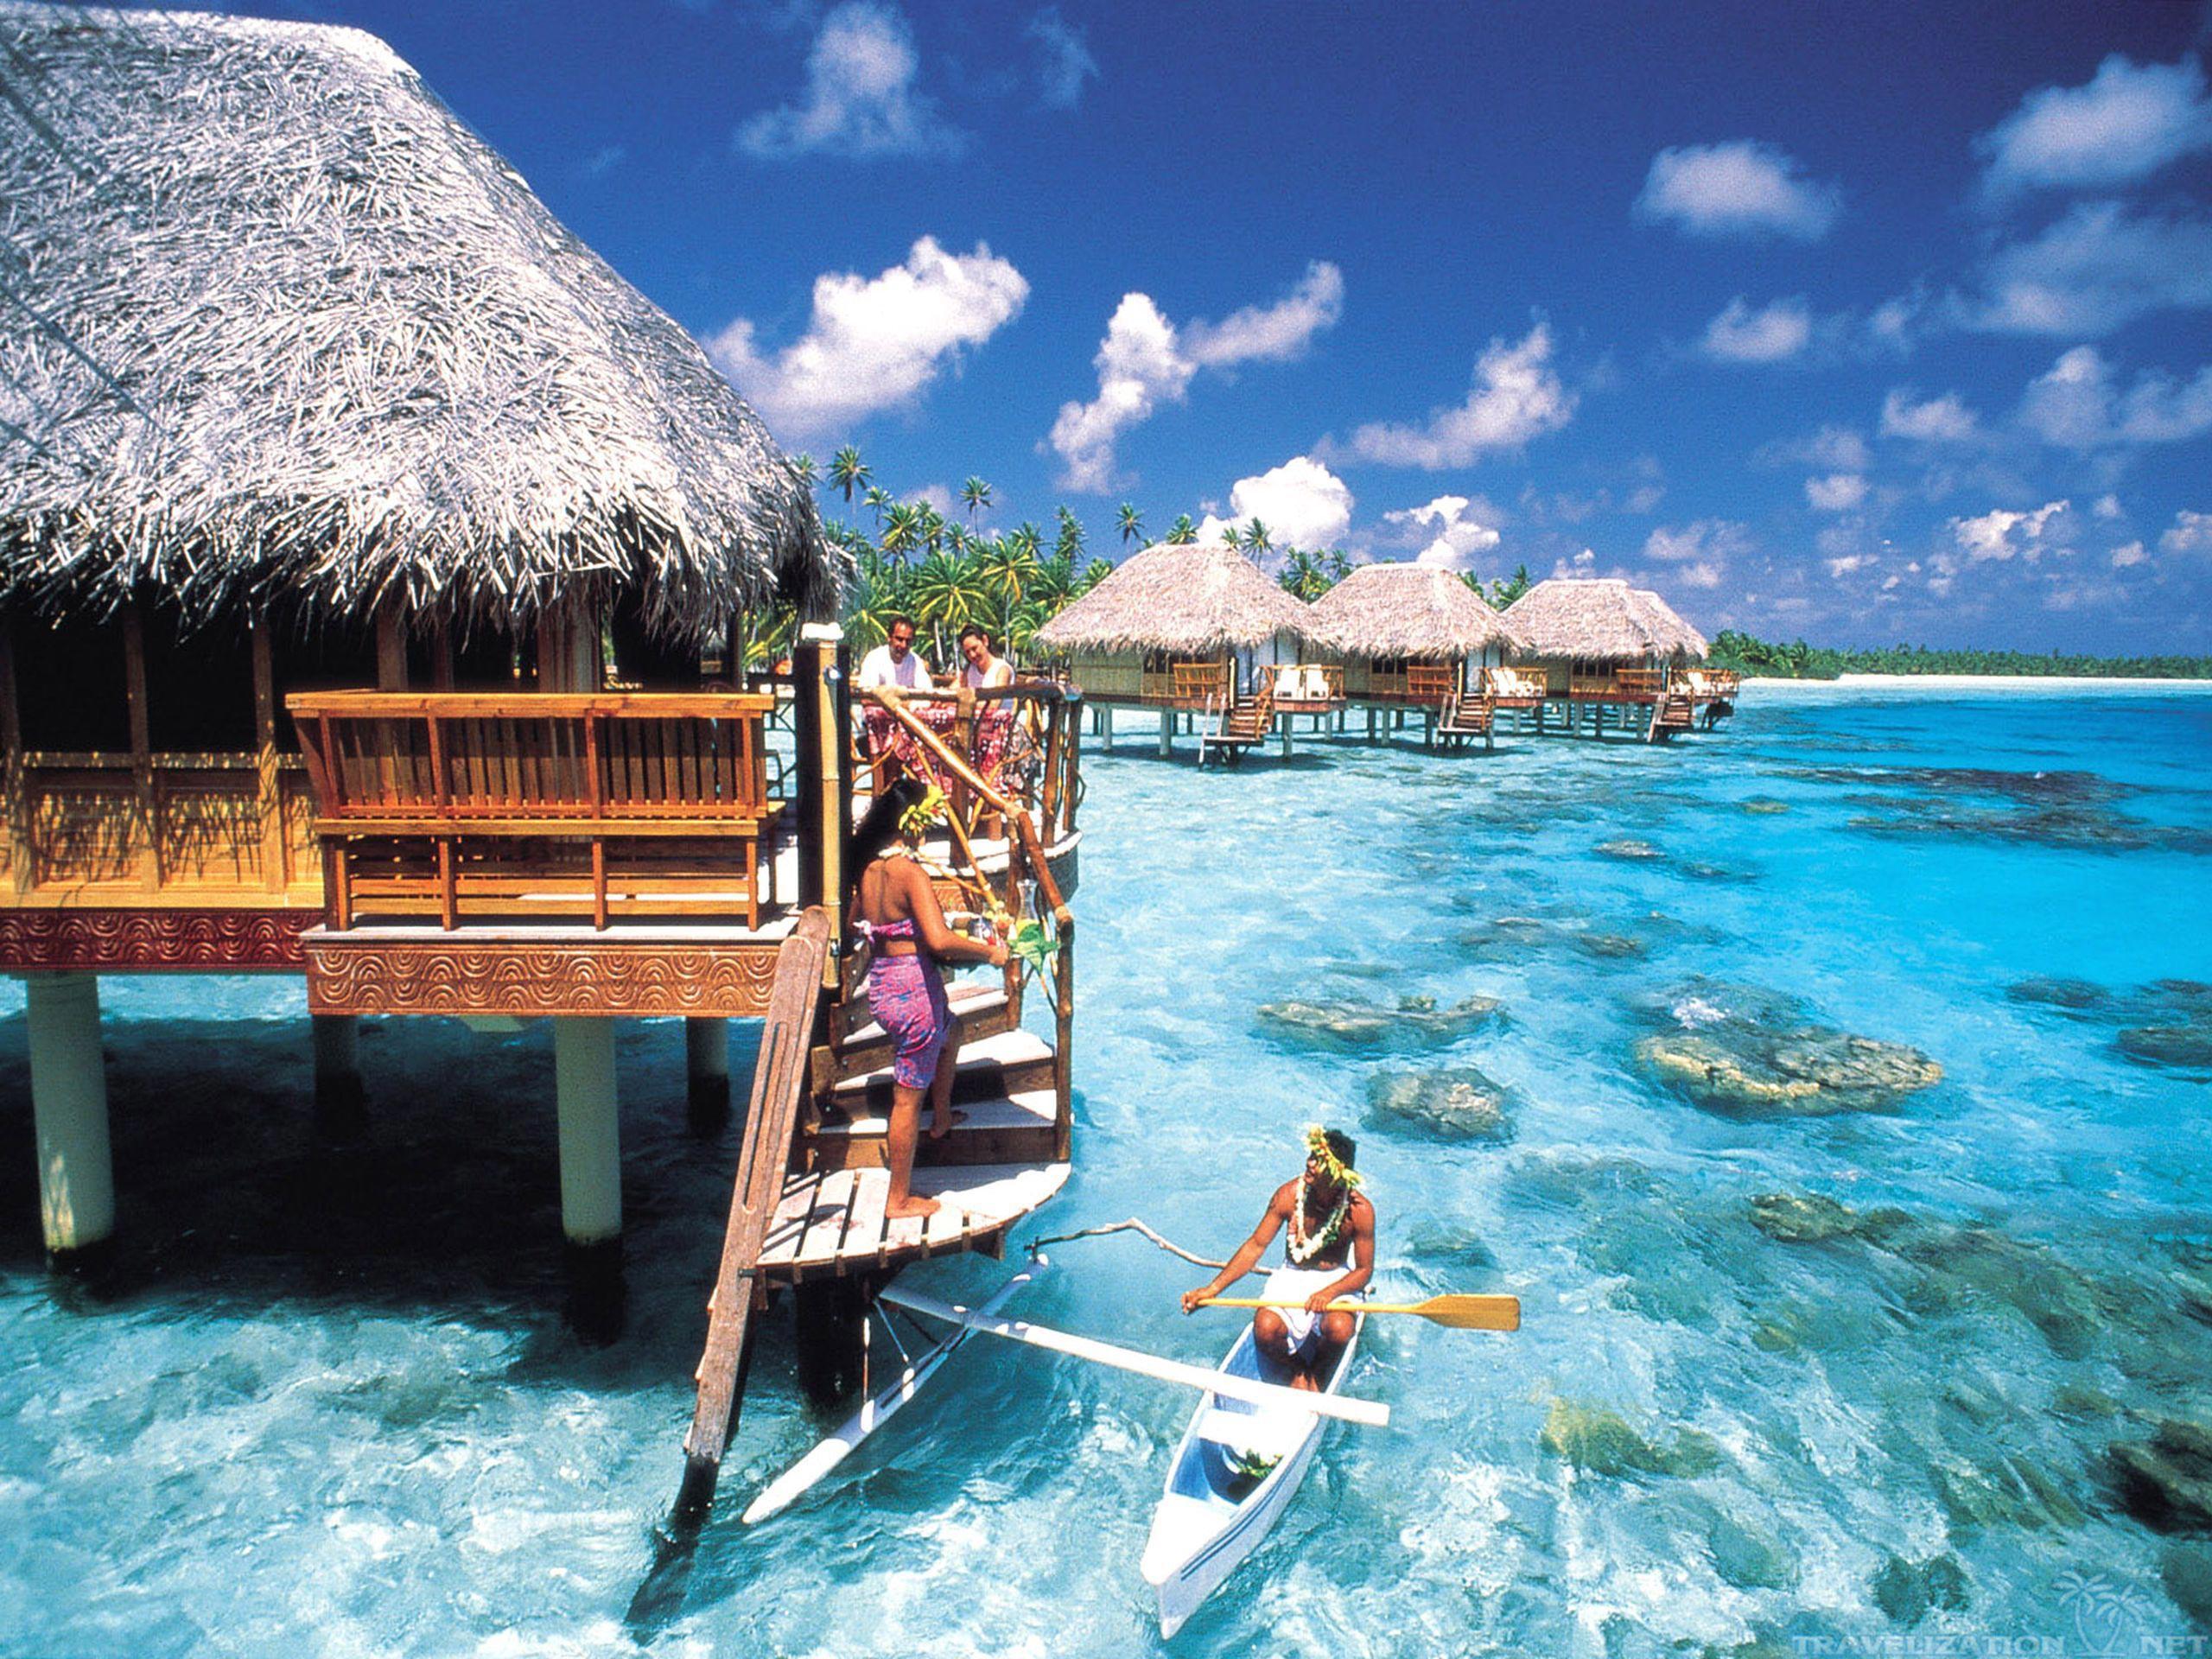 tahiti-la-plus-grande-ile-de-polynesie